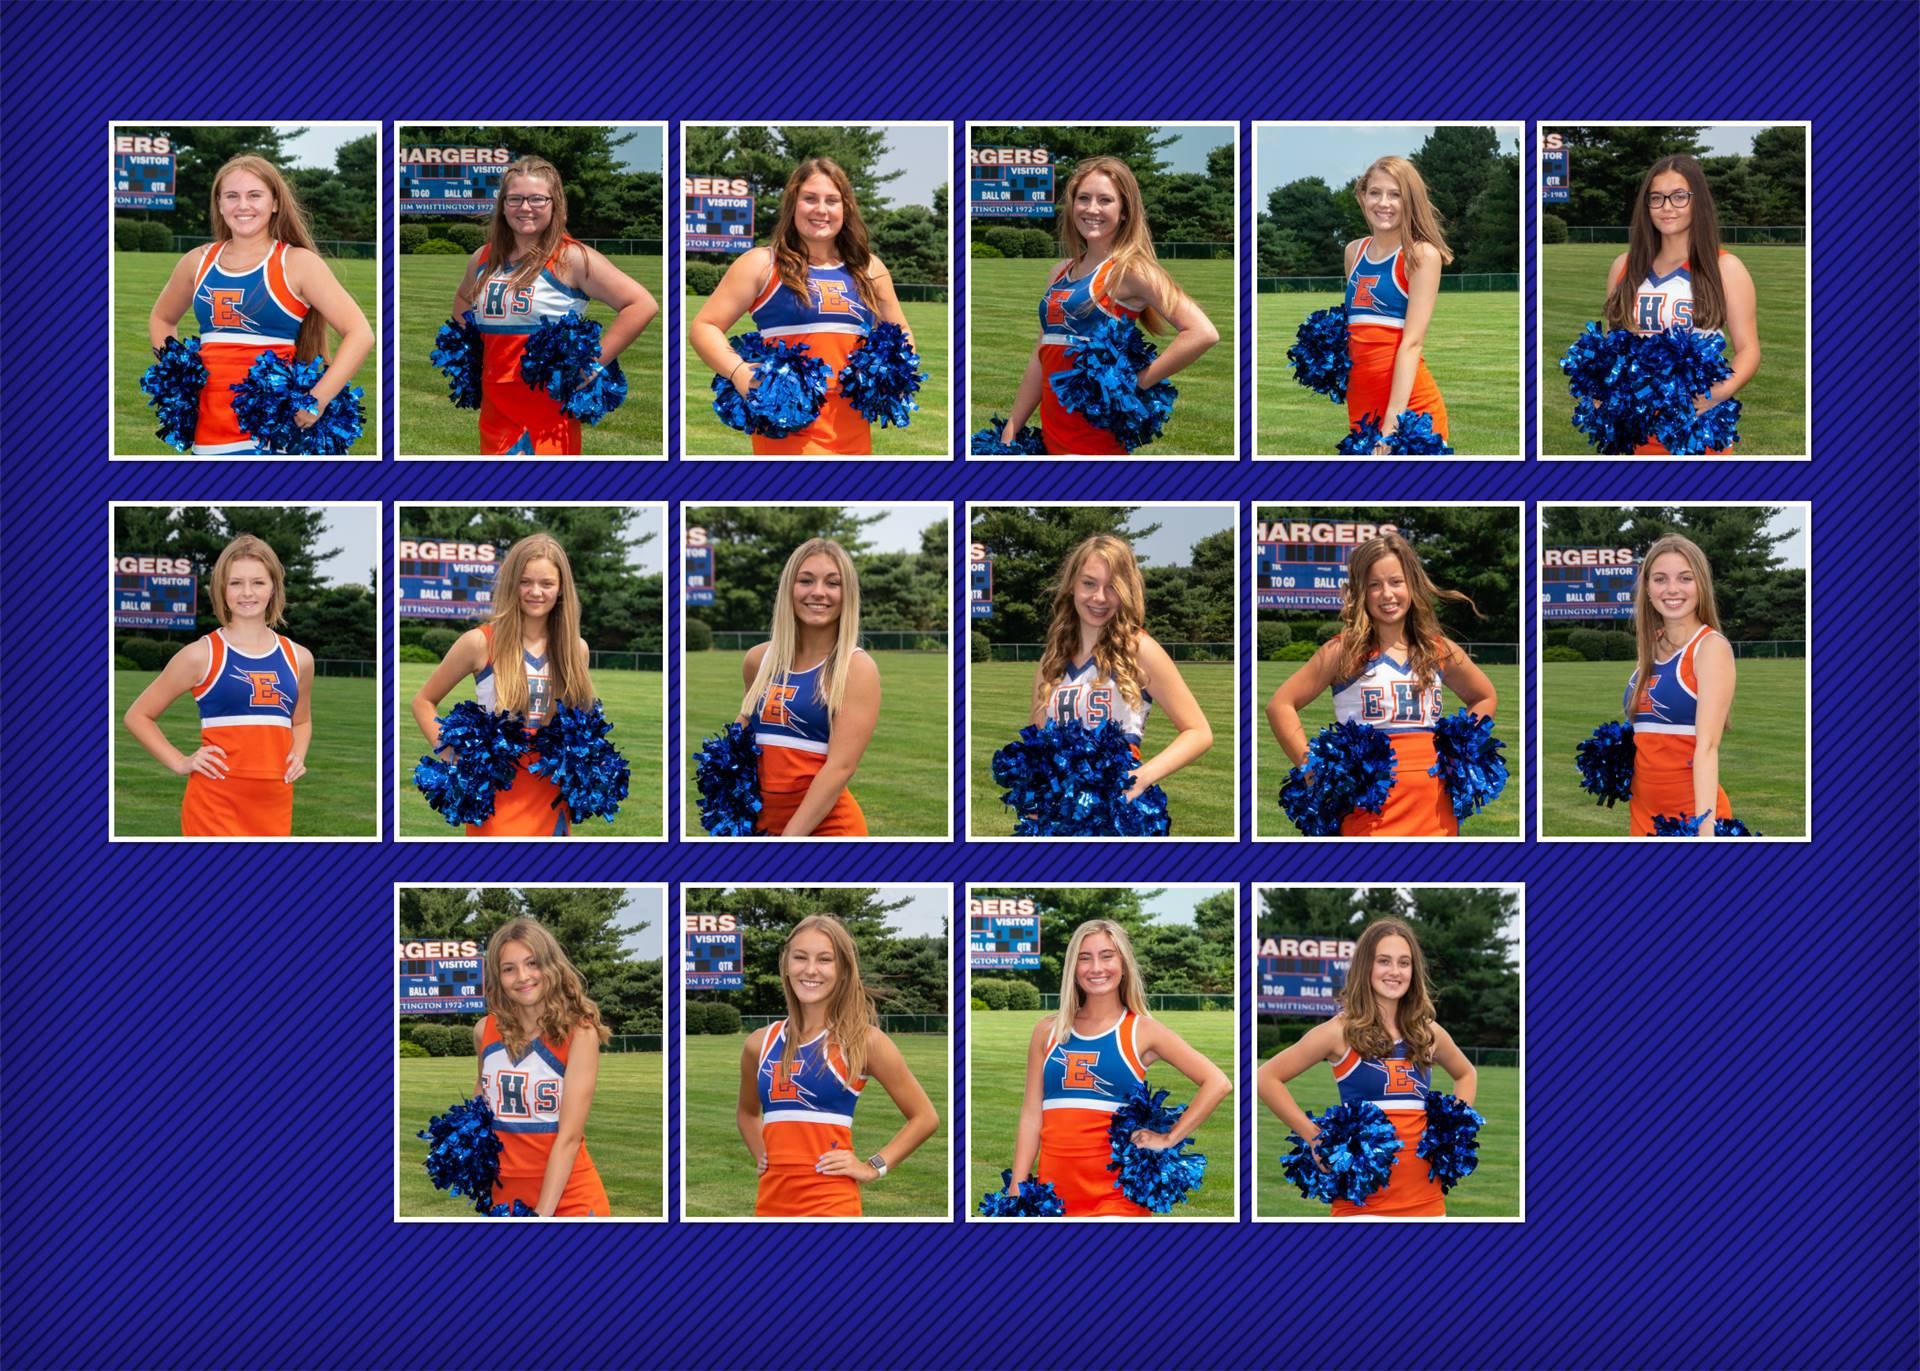 Cheerleaders Team Photo